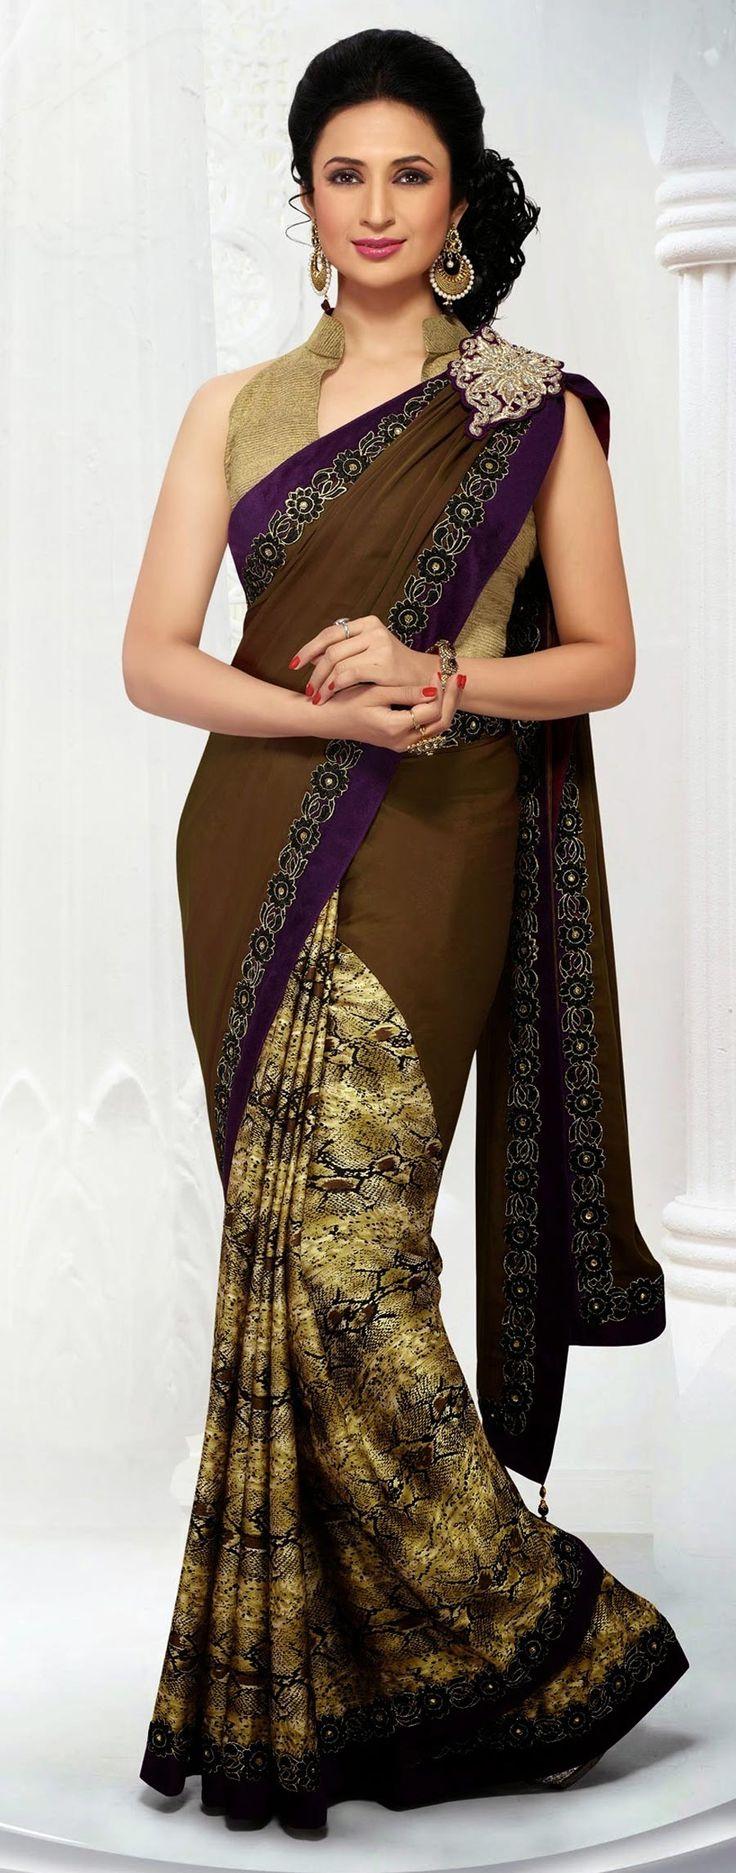 Beige & Brown Half Half Saree In Satin . Shop at - http://www.gravity-fashion.com/beige-brown-half-half-saree-in-satin-gf9140110.html